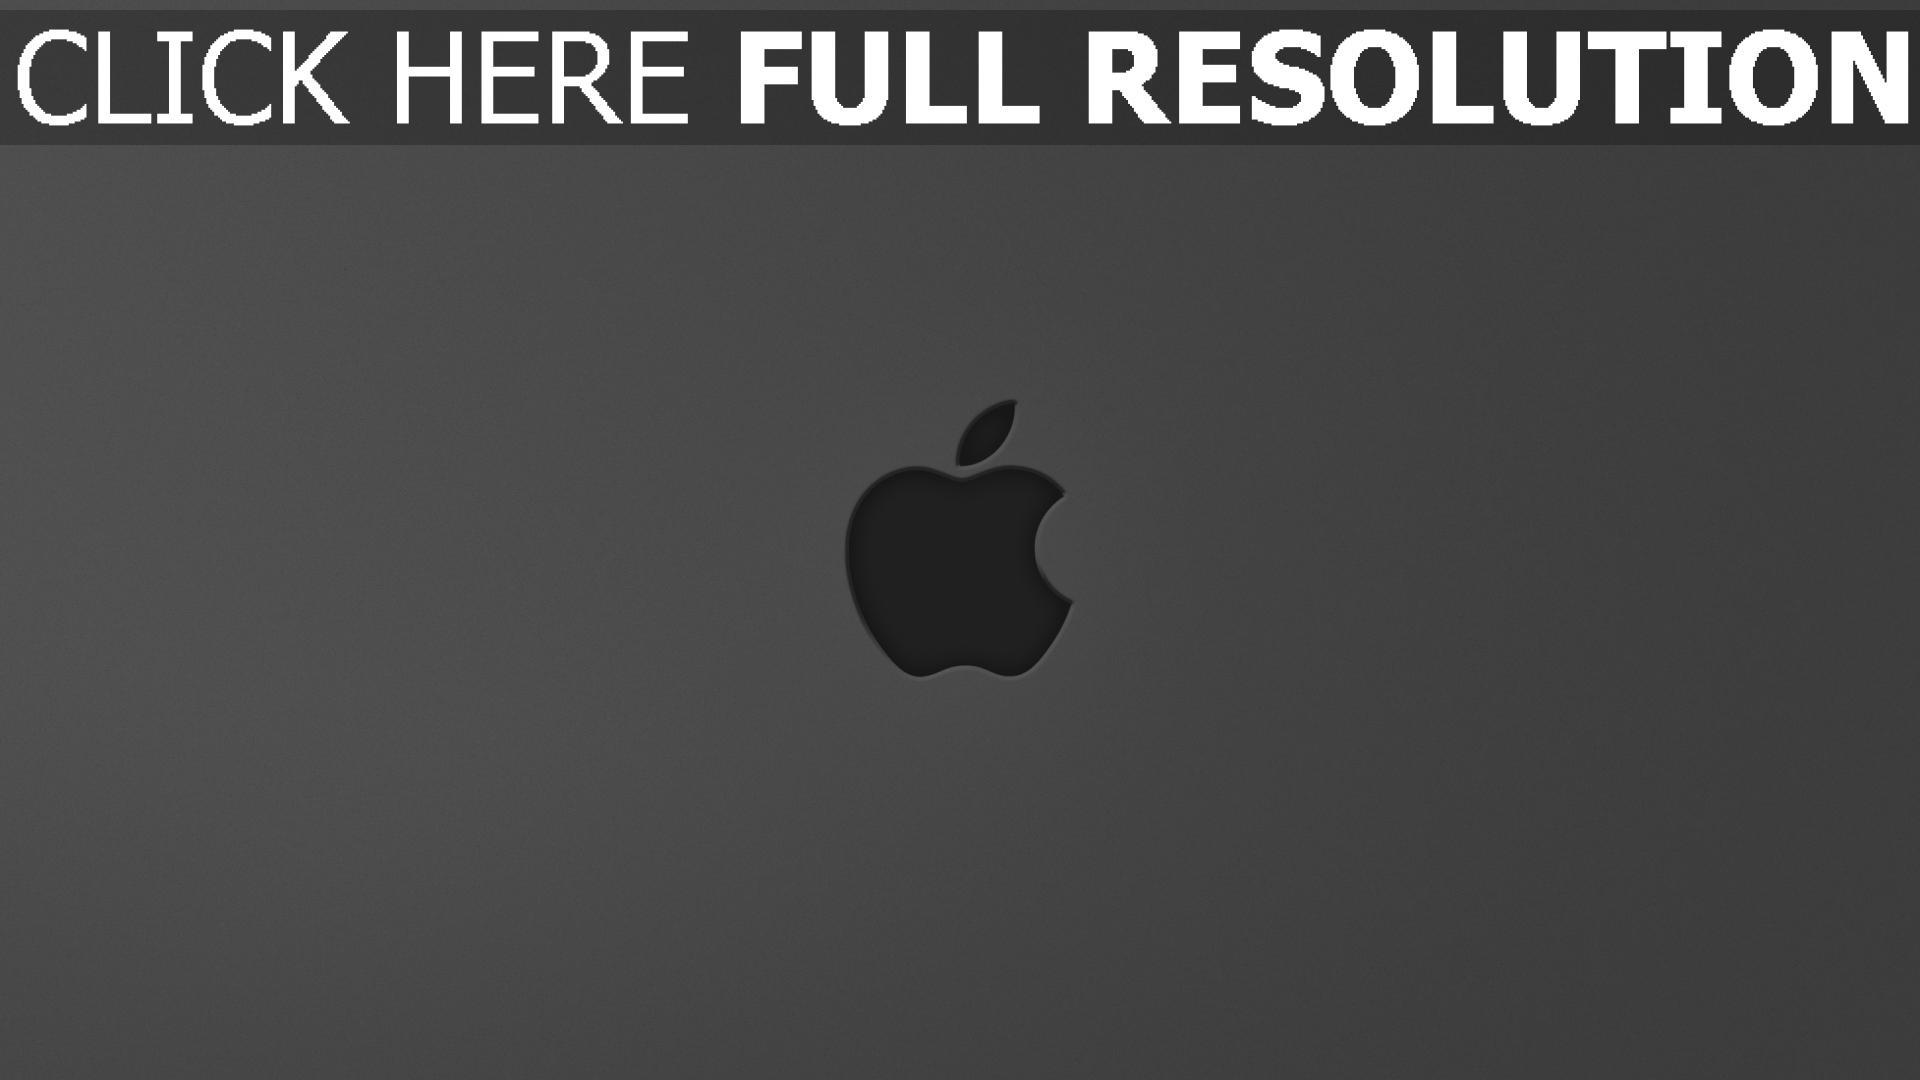 macbook spiele kostenlos